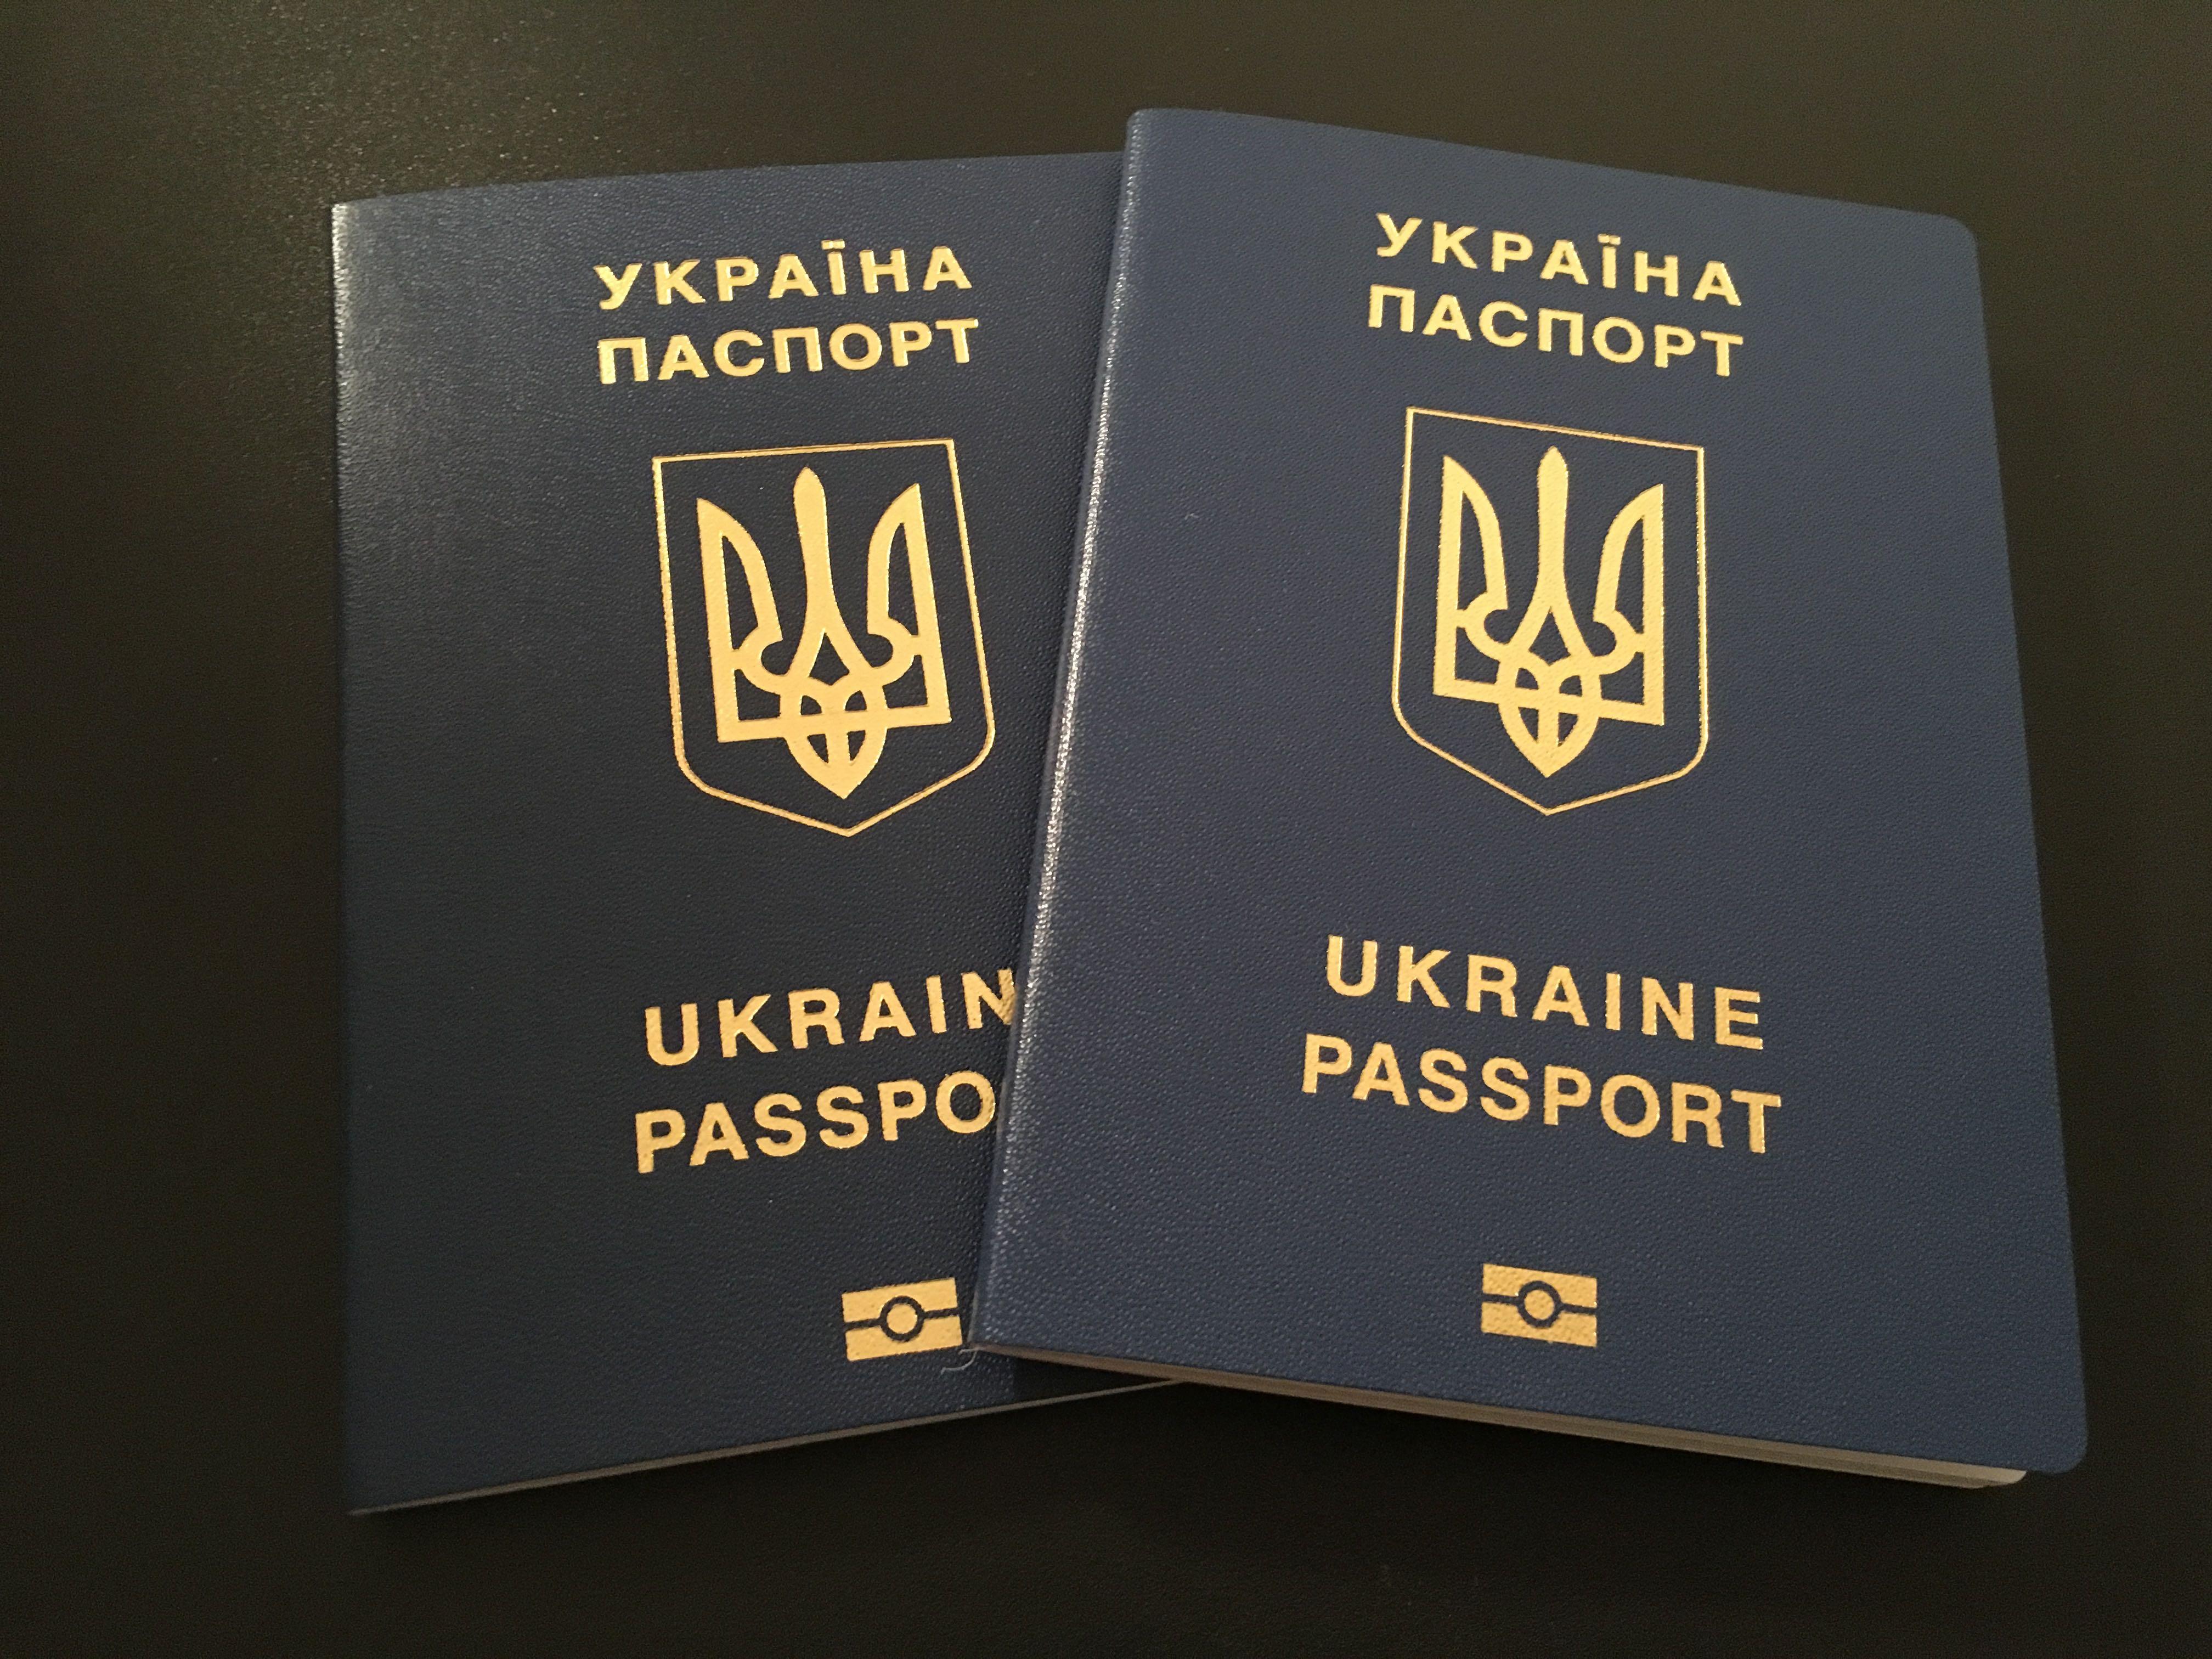 Richiesta Passaporto internazionale ucraino - informazioni ...